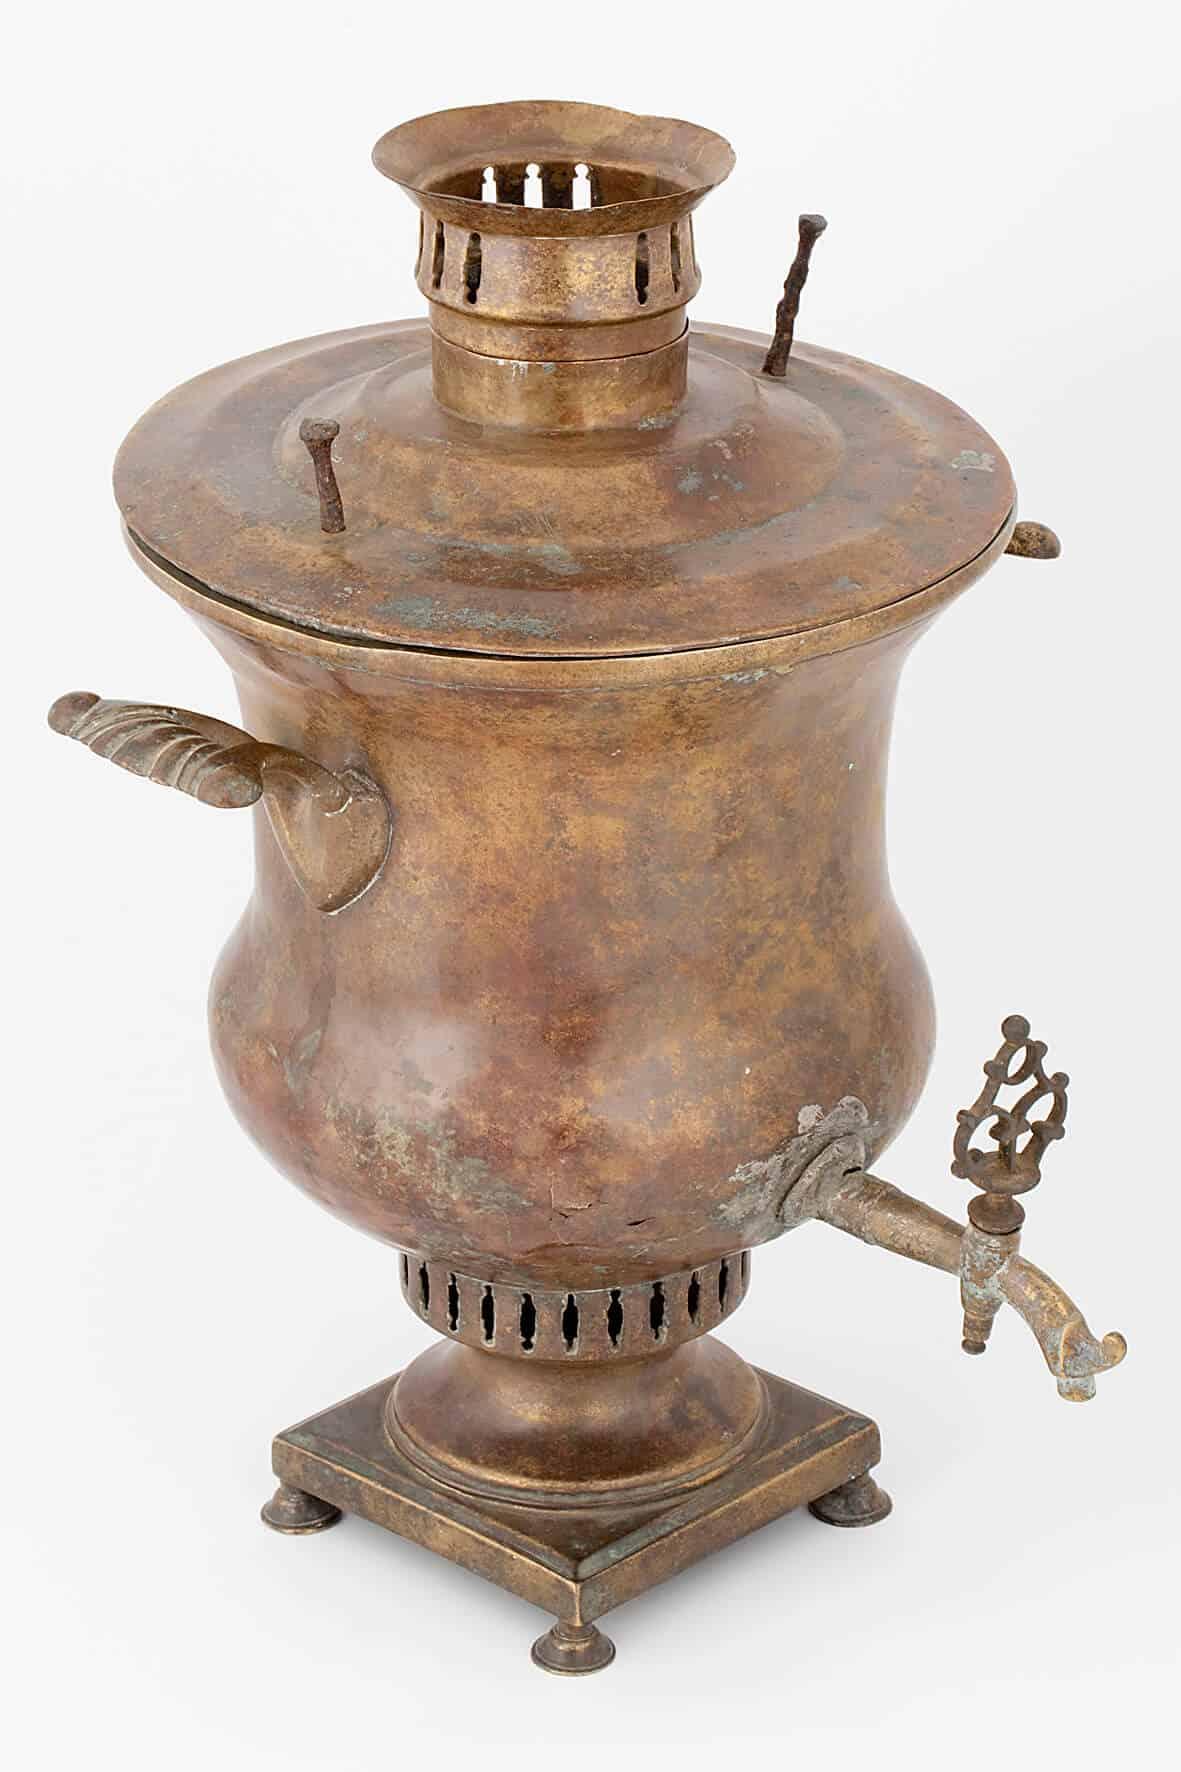 КБ 407 | Самовар-ваза гладкая | Музей самоваров и бульоток